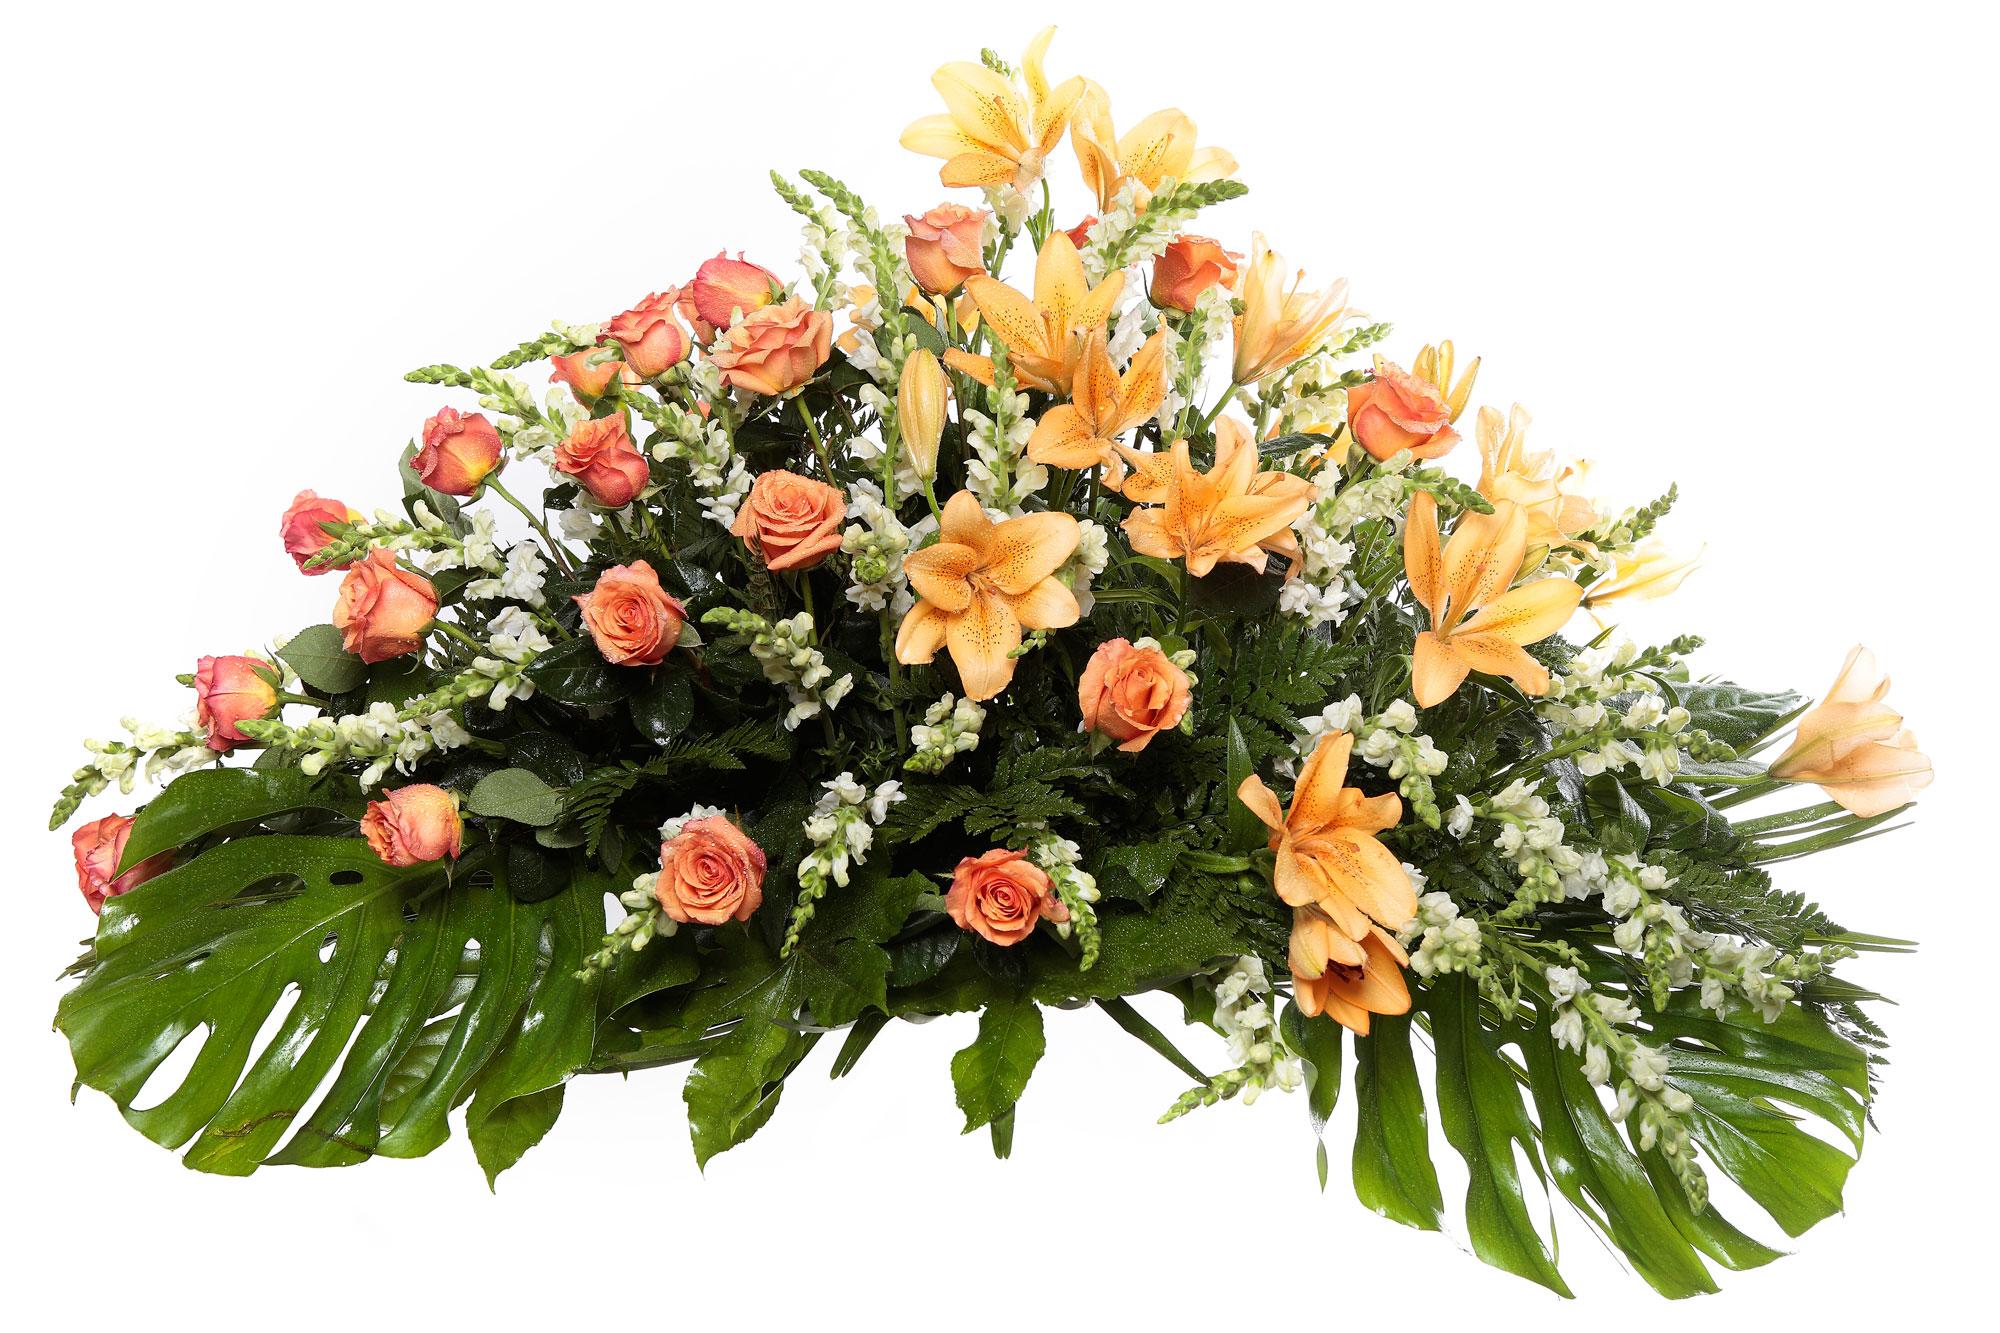 Palma flores tanatorio 12 e palmas flores naturales for Los jardines esquelas